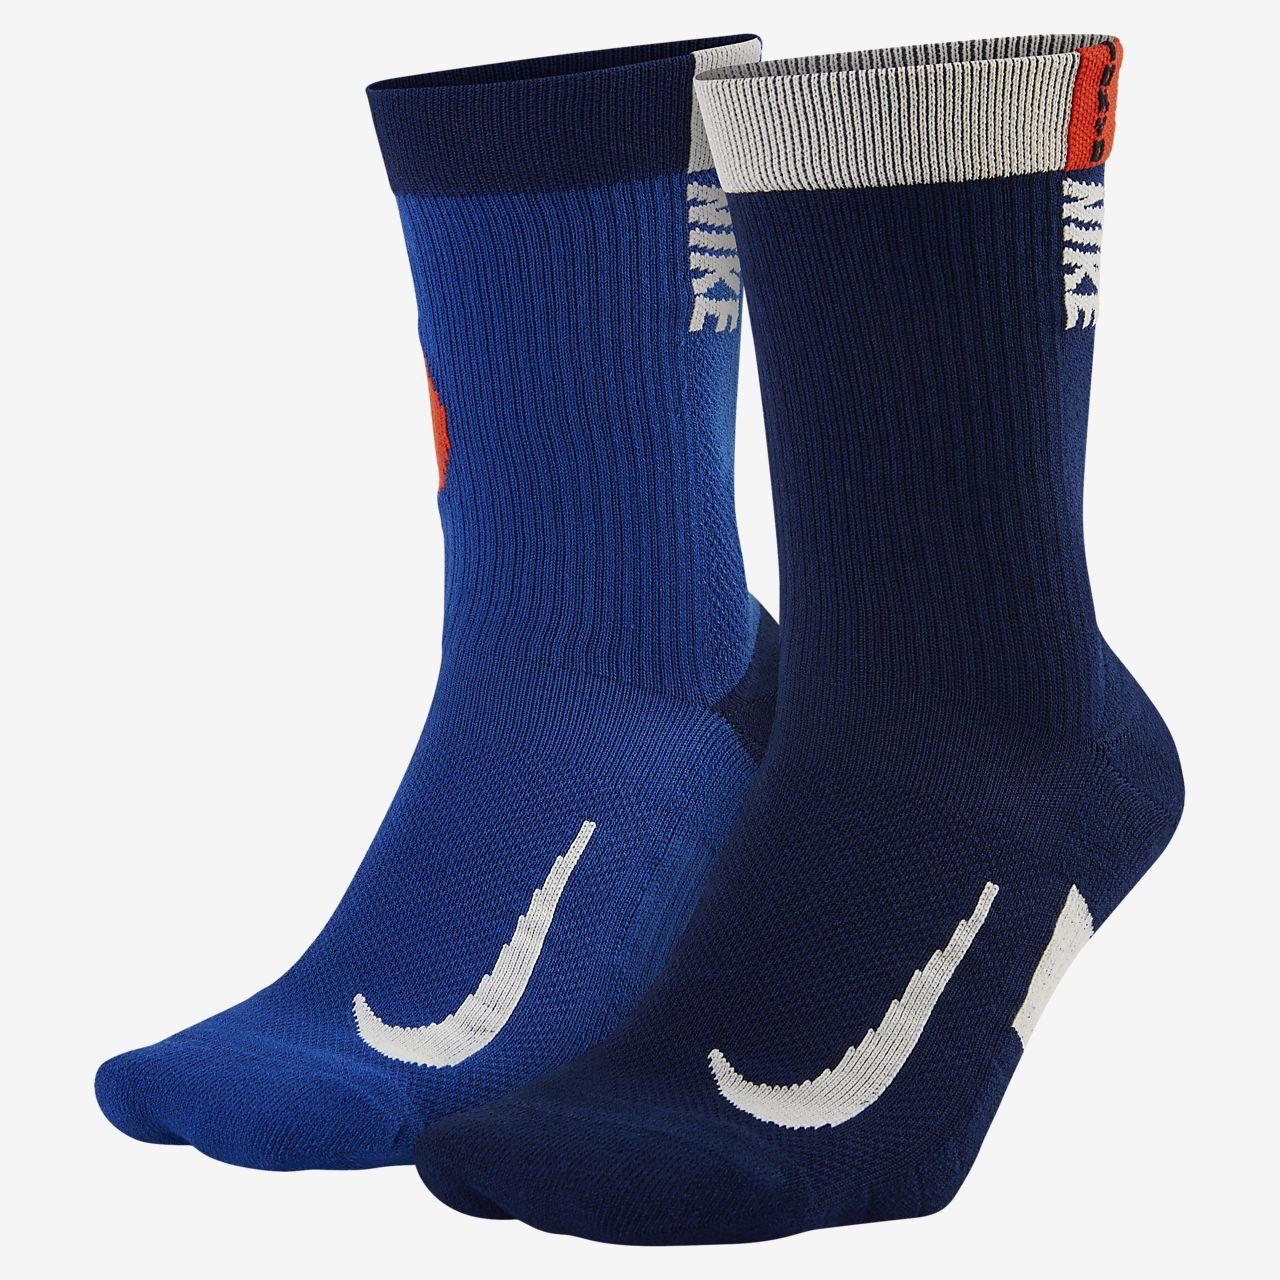 Löparstrumpor Nike Multiplier (2 par)